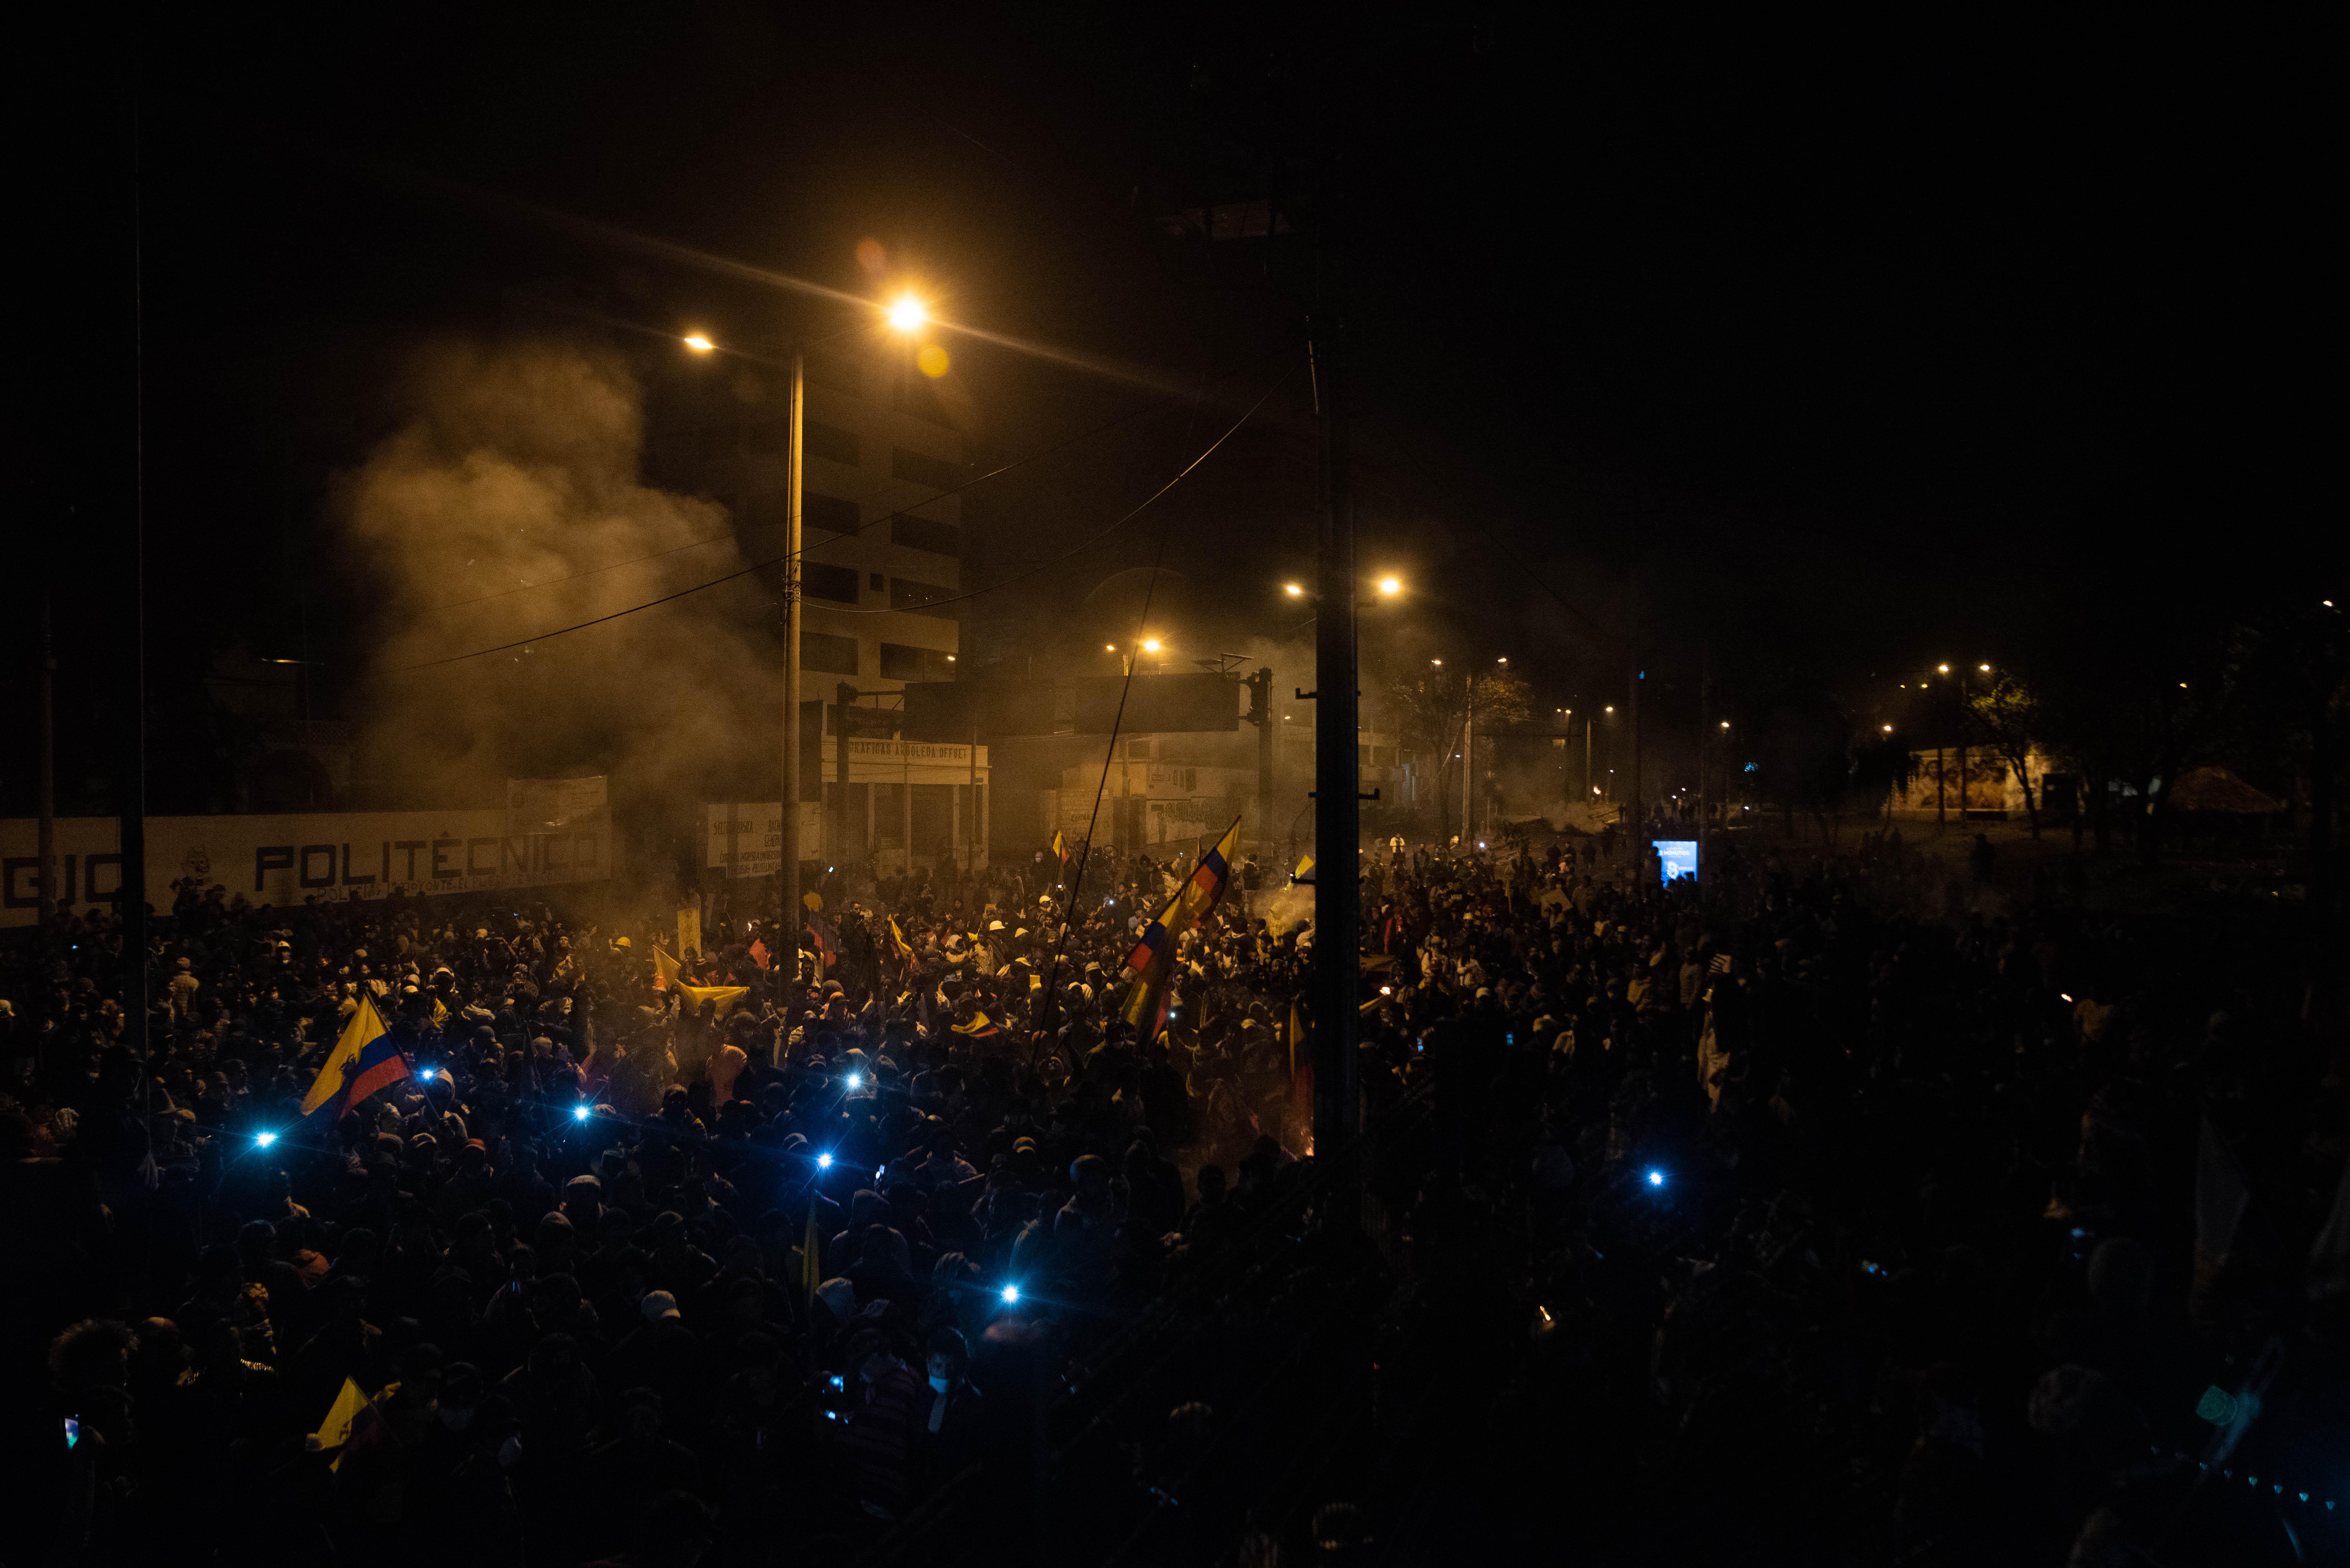 Miles de personas salieron a la calle a festejar que se derogará el decreto 883 que eliminaba los subsidios del gobierno nacional a los combustibles fósiles.